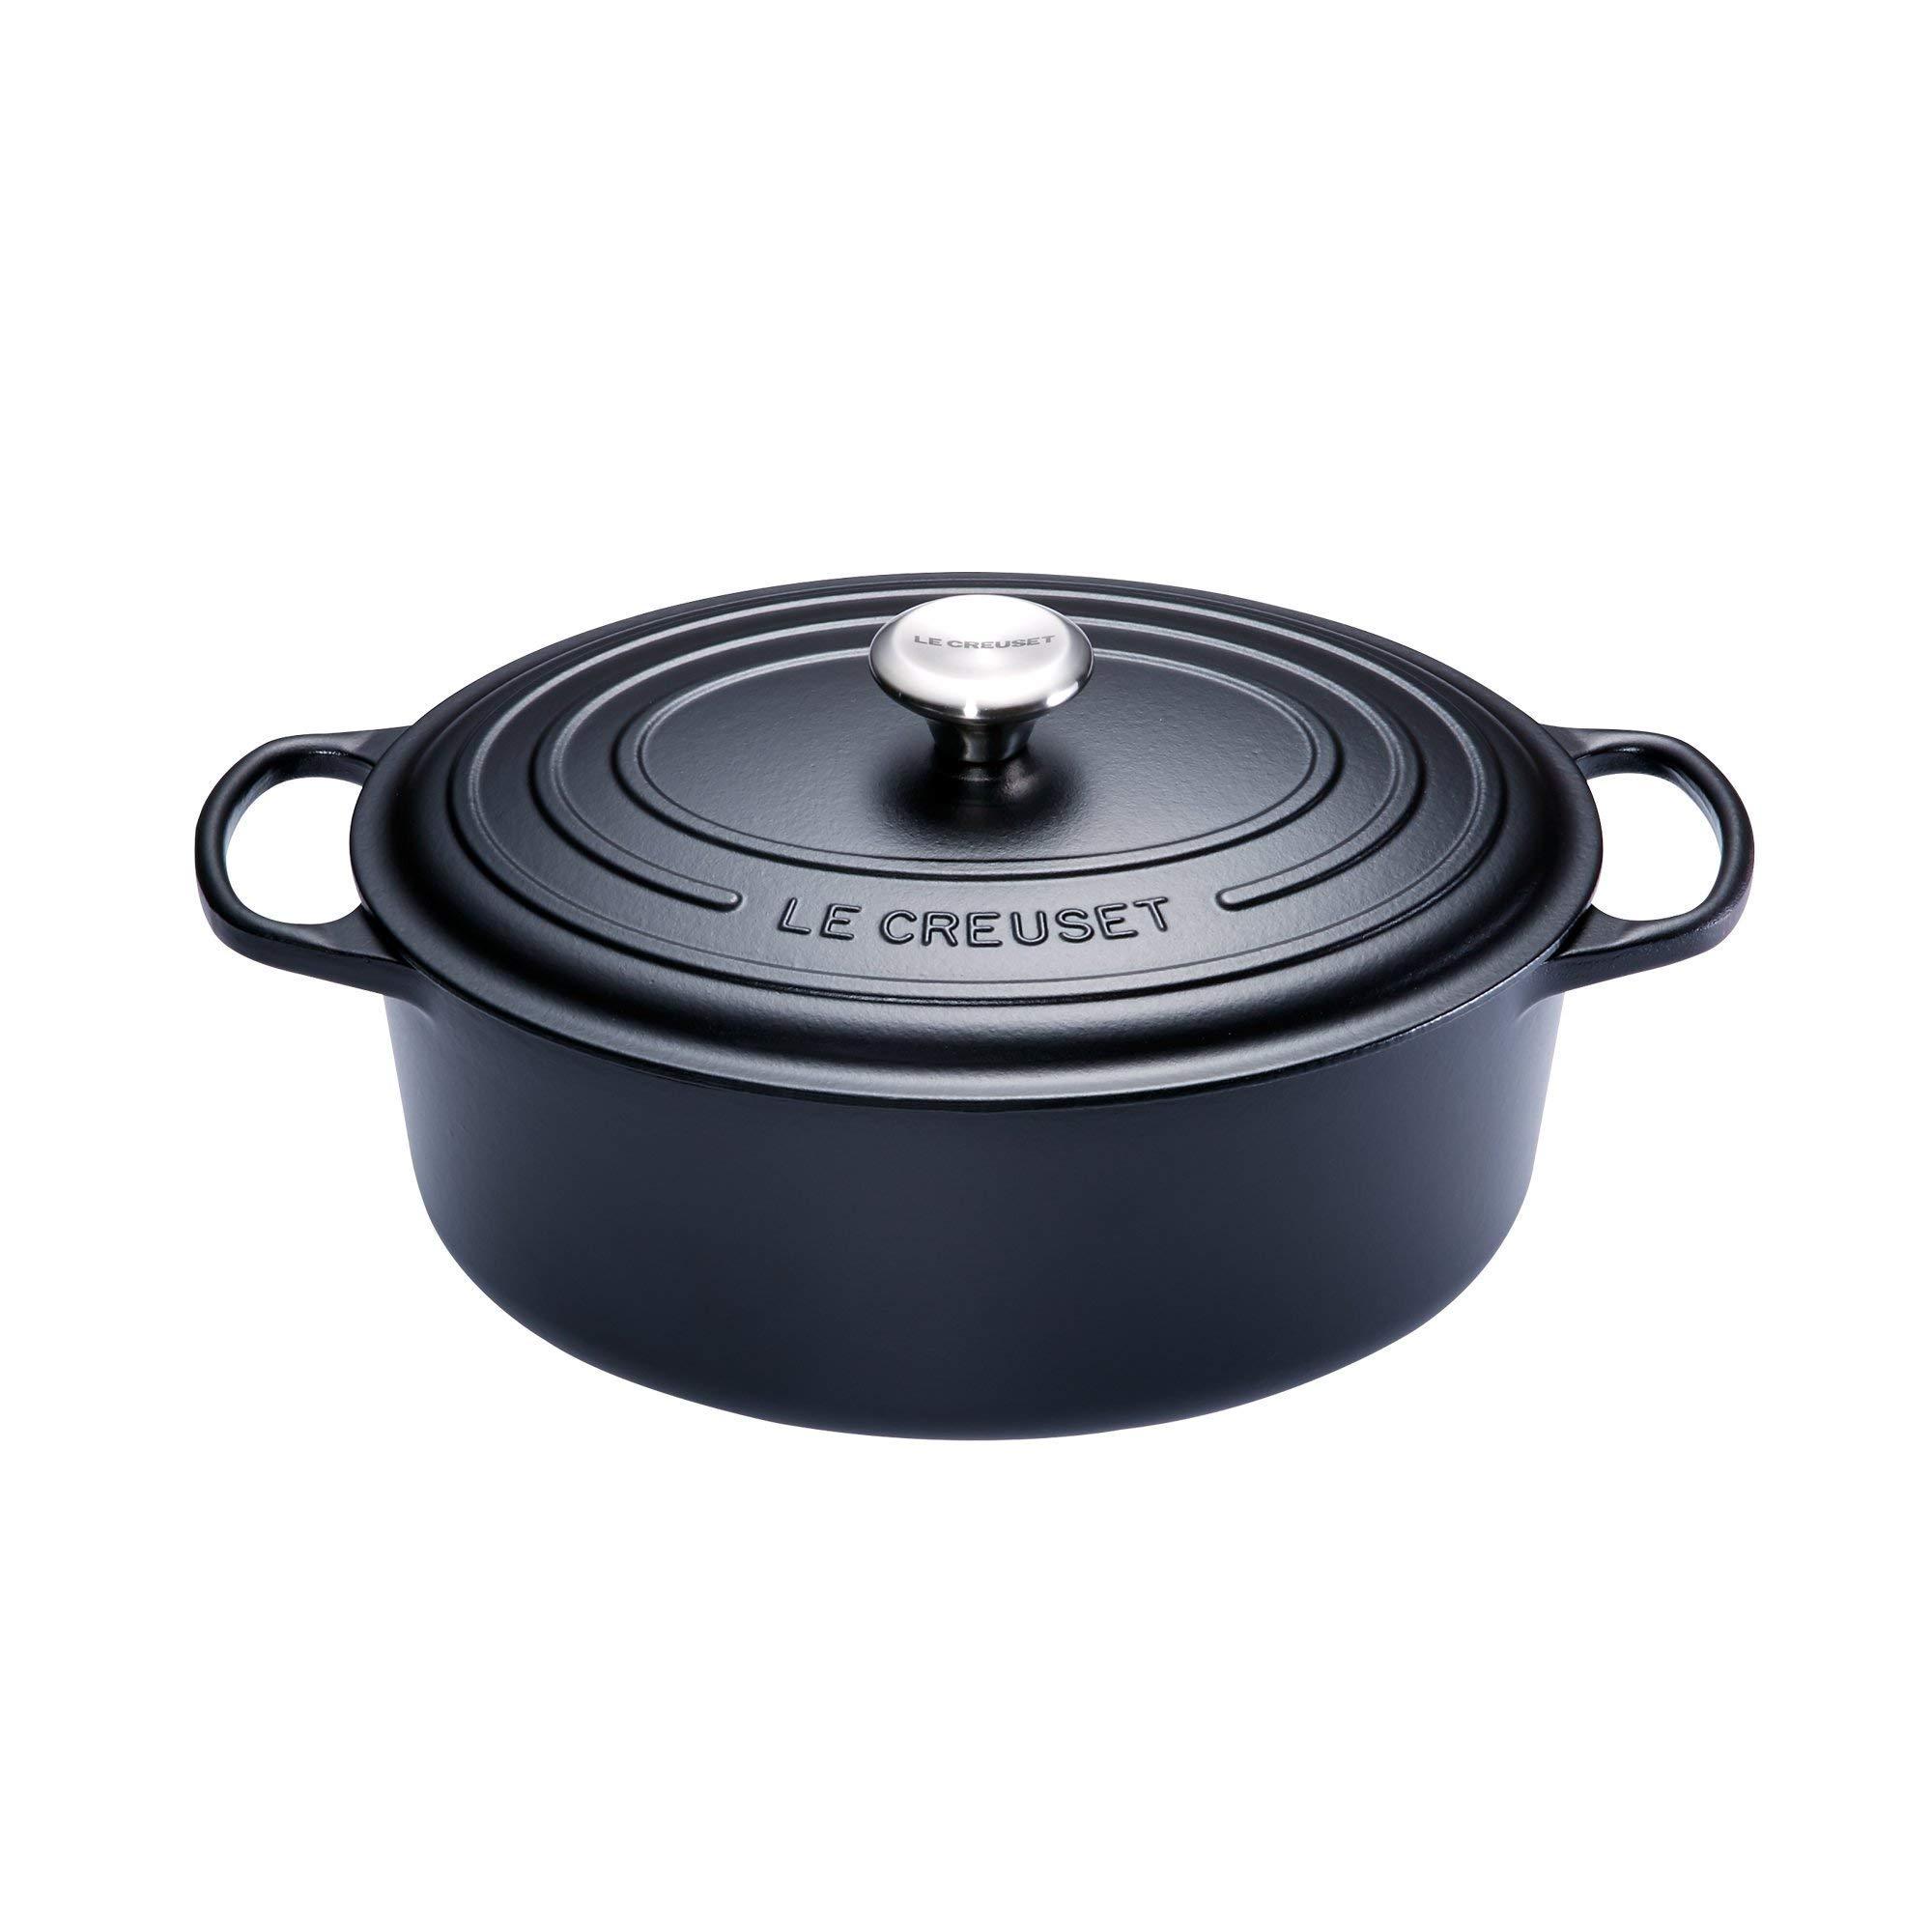 Le Creuset Cocotte Signature ovale en fonte émaillée, 33cm, noir mat product image